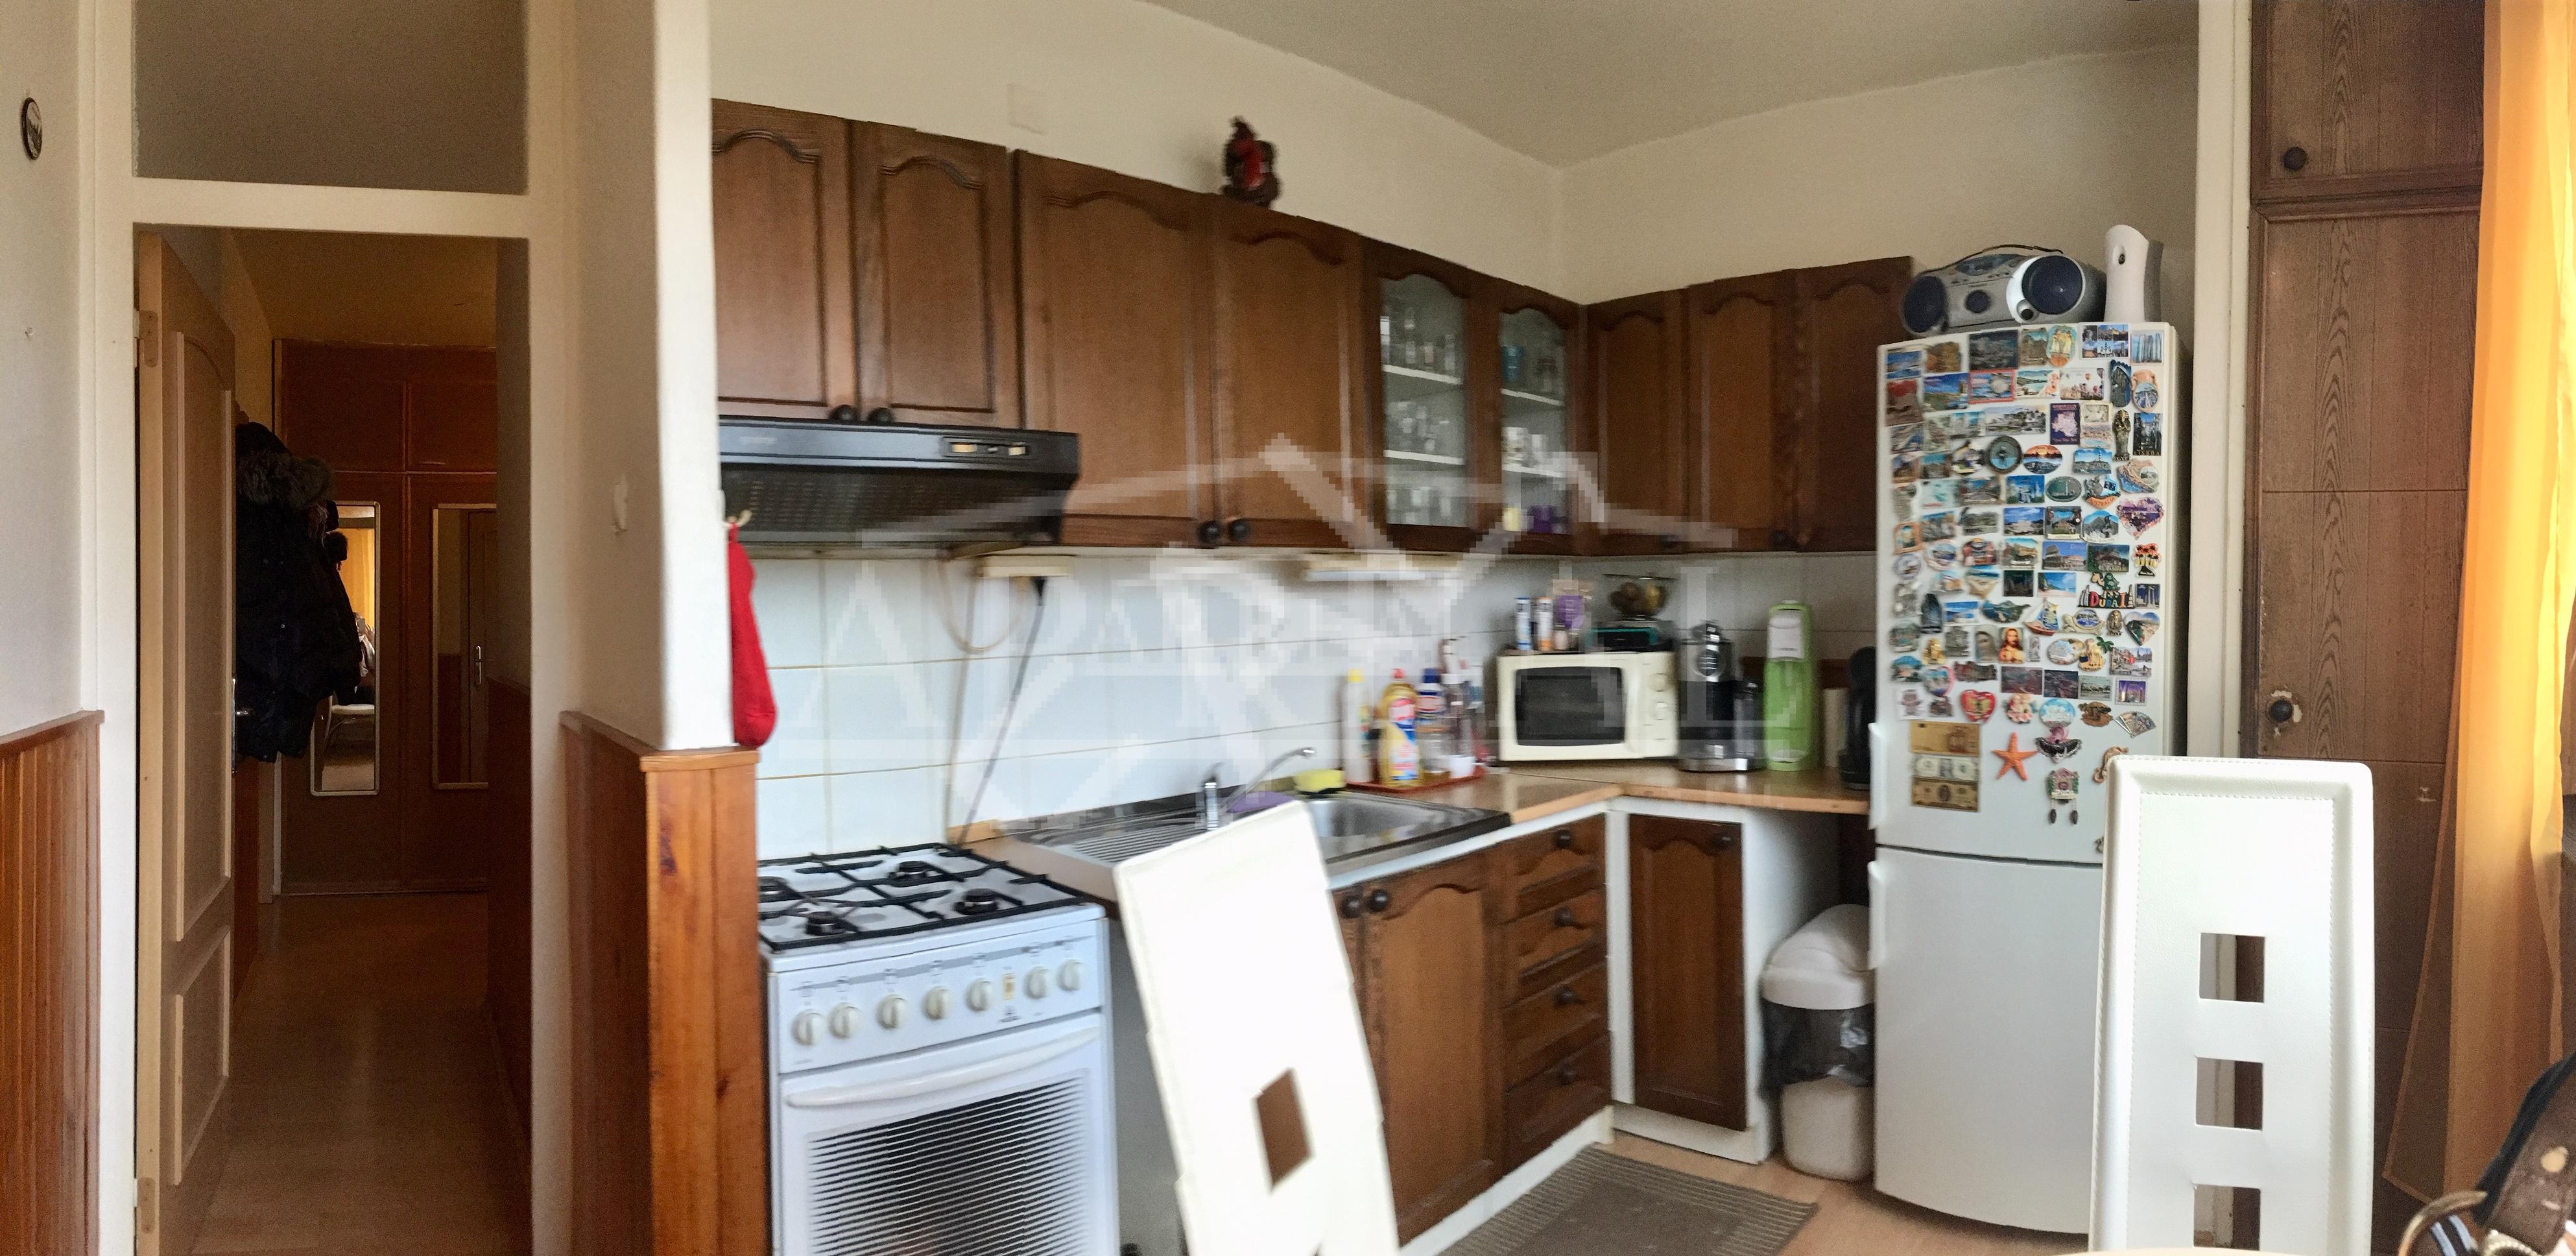 3-izbový byt len v štvorposchodovom dome s garážou hneď pri vchode,Latorická ul.